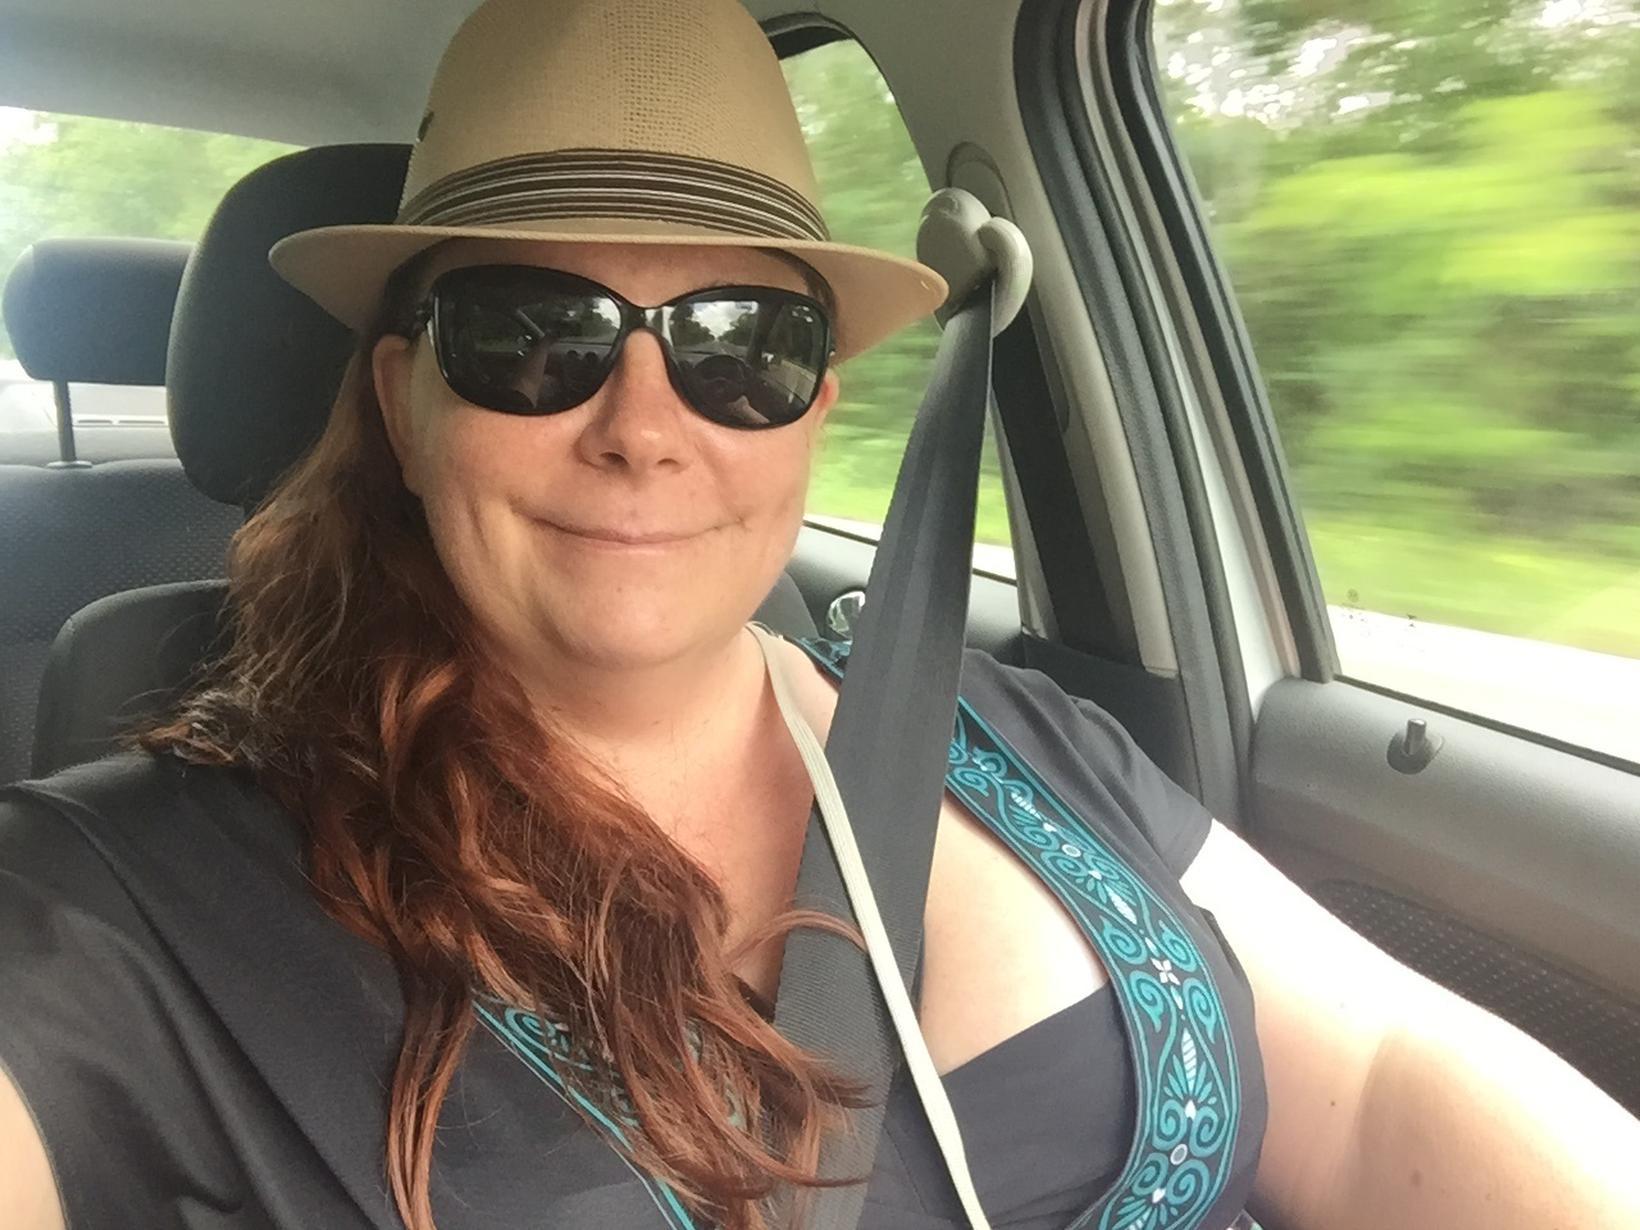 Sarah from Tulsa, Oklahoma, United States